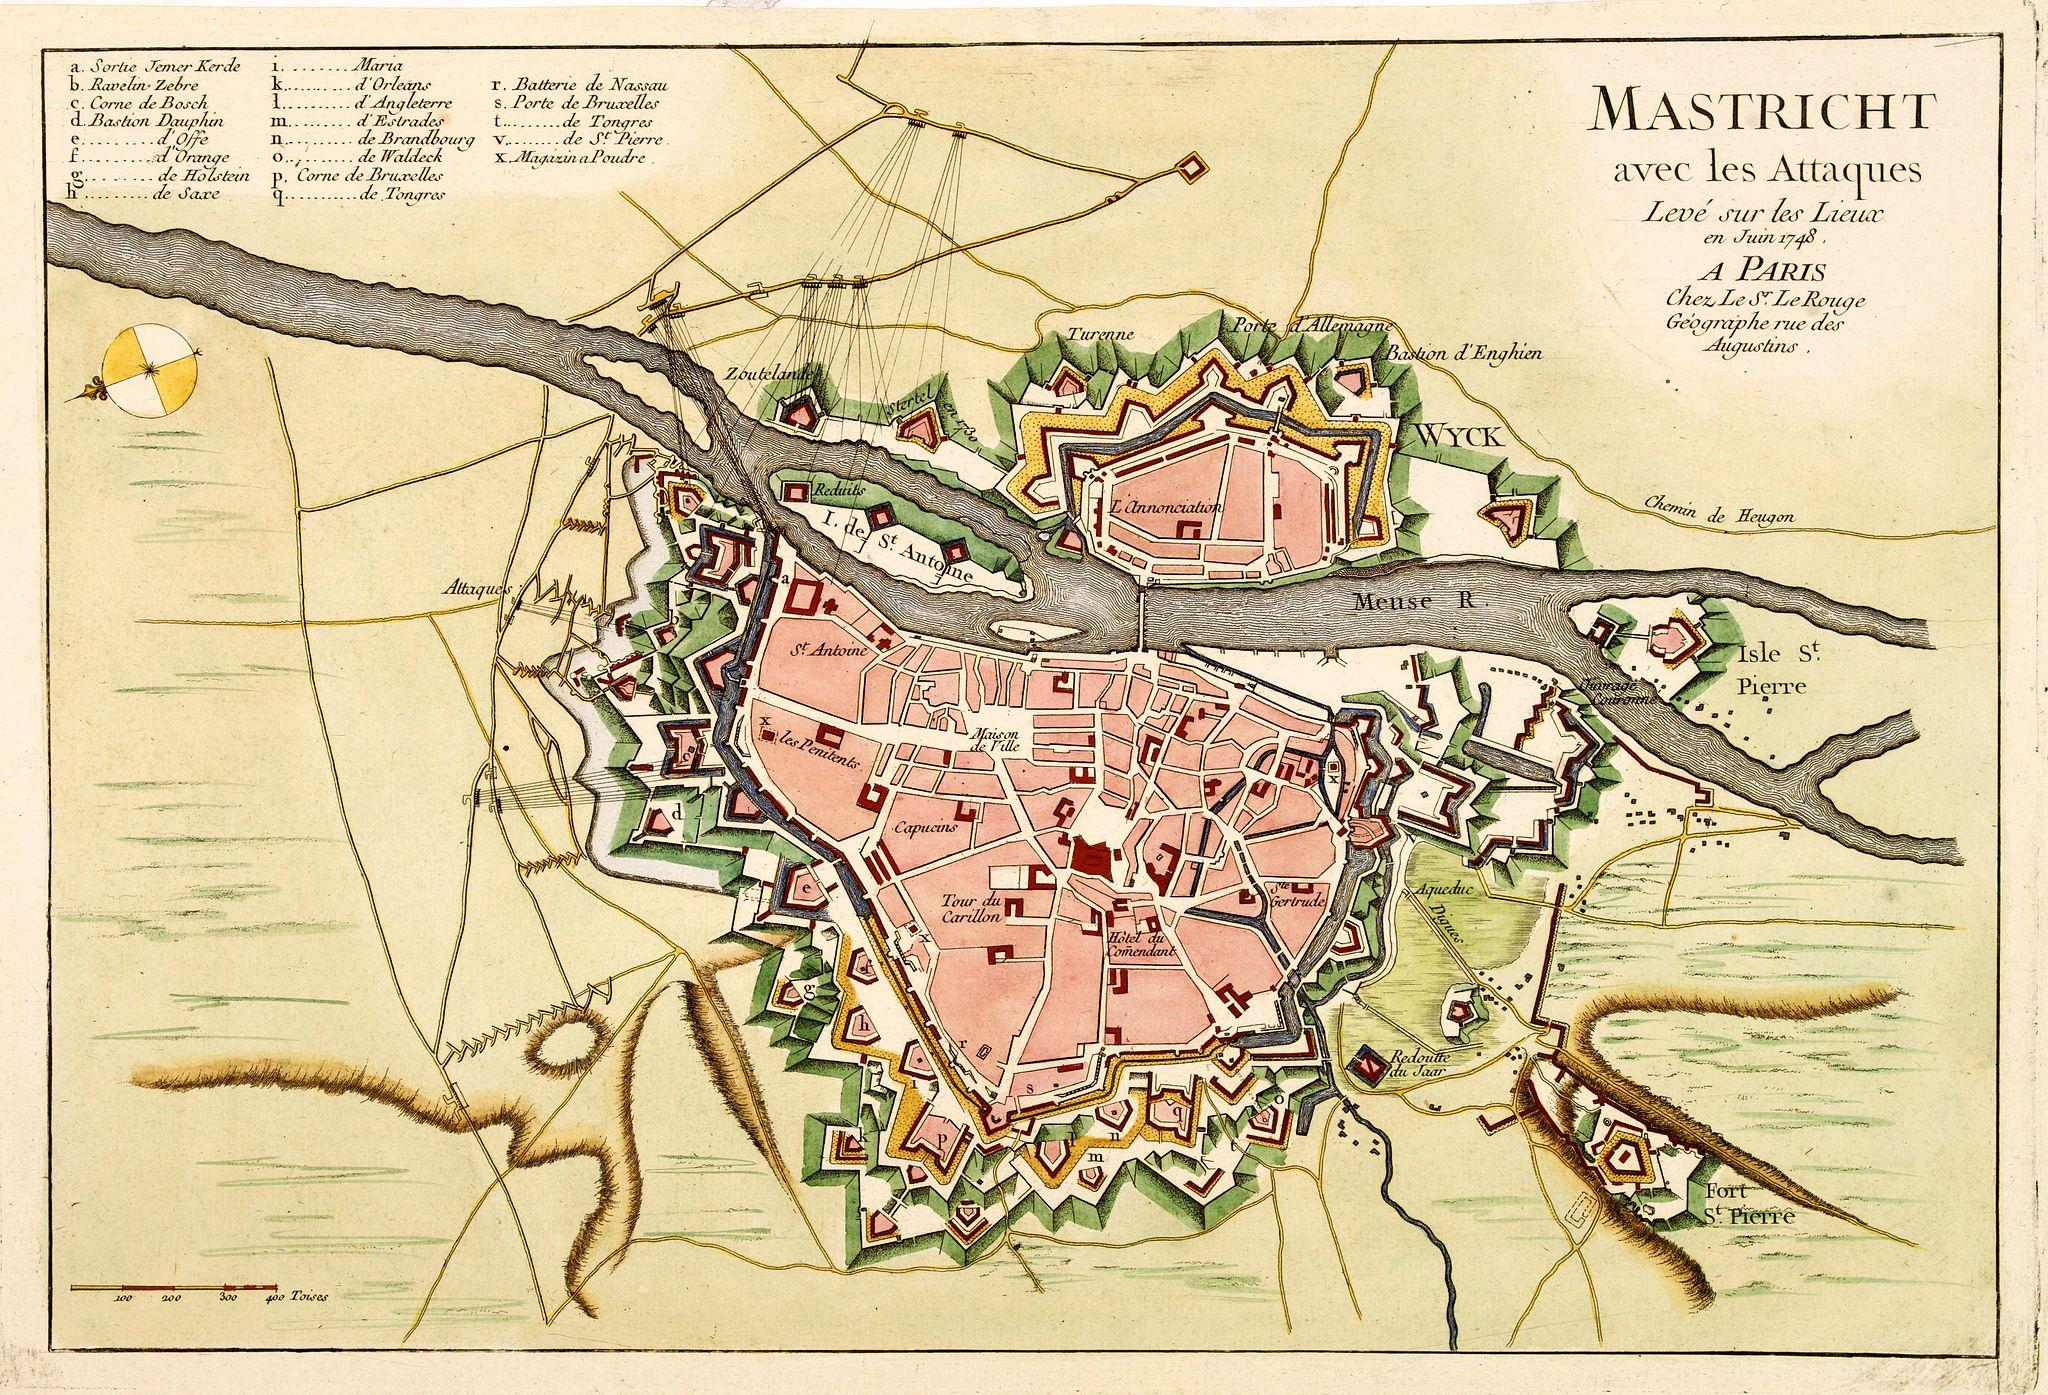 LE ROUGE,G.L. -  Mastricht avec les Attaques Leve sur les Lieux en Juin 1748. A Paris chez Le Sr. Le Rouge.